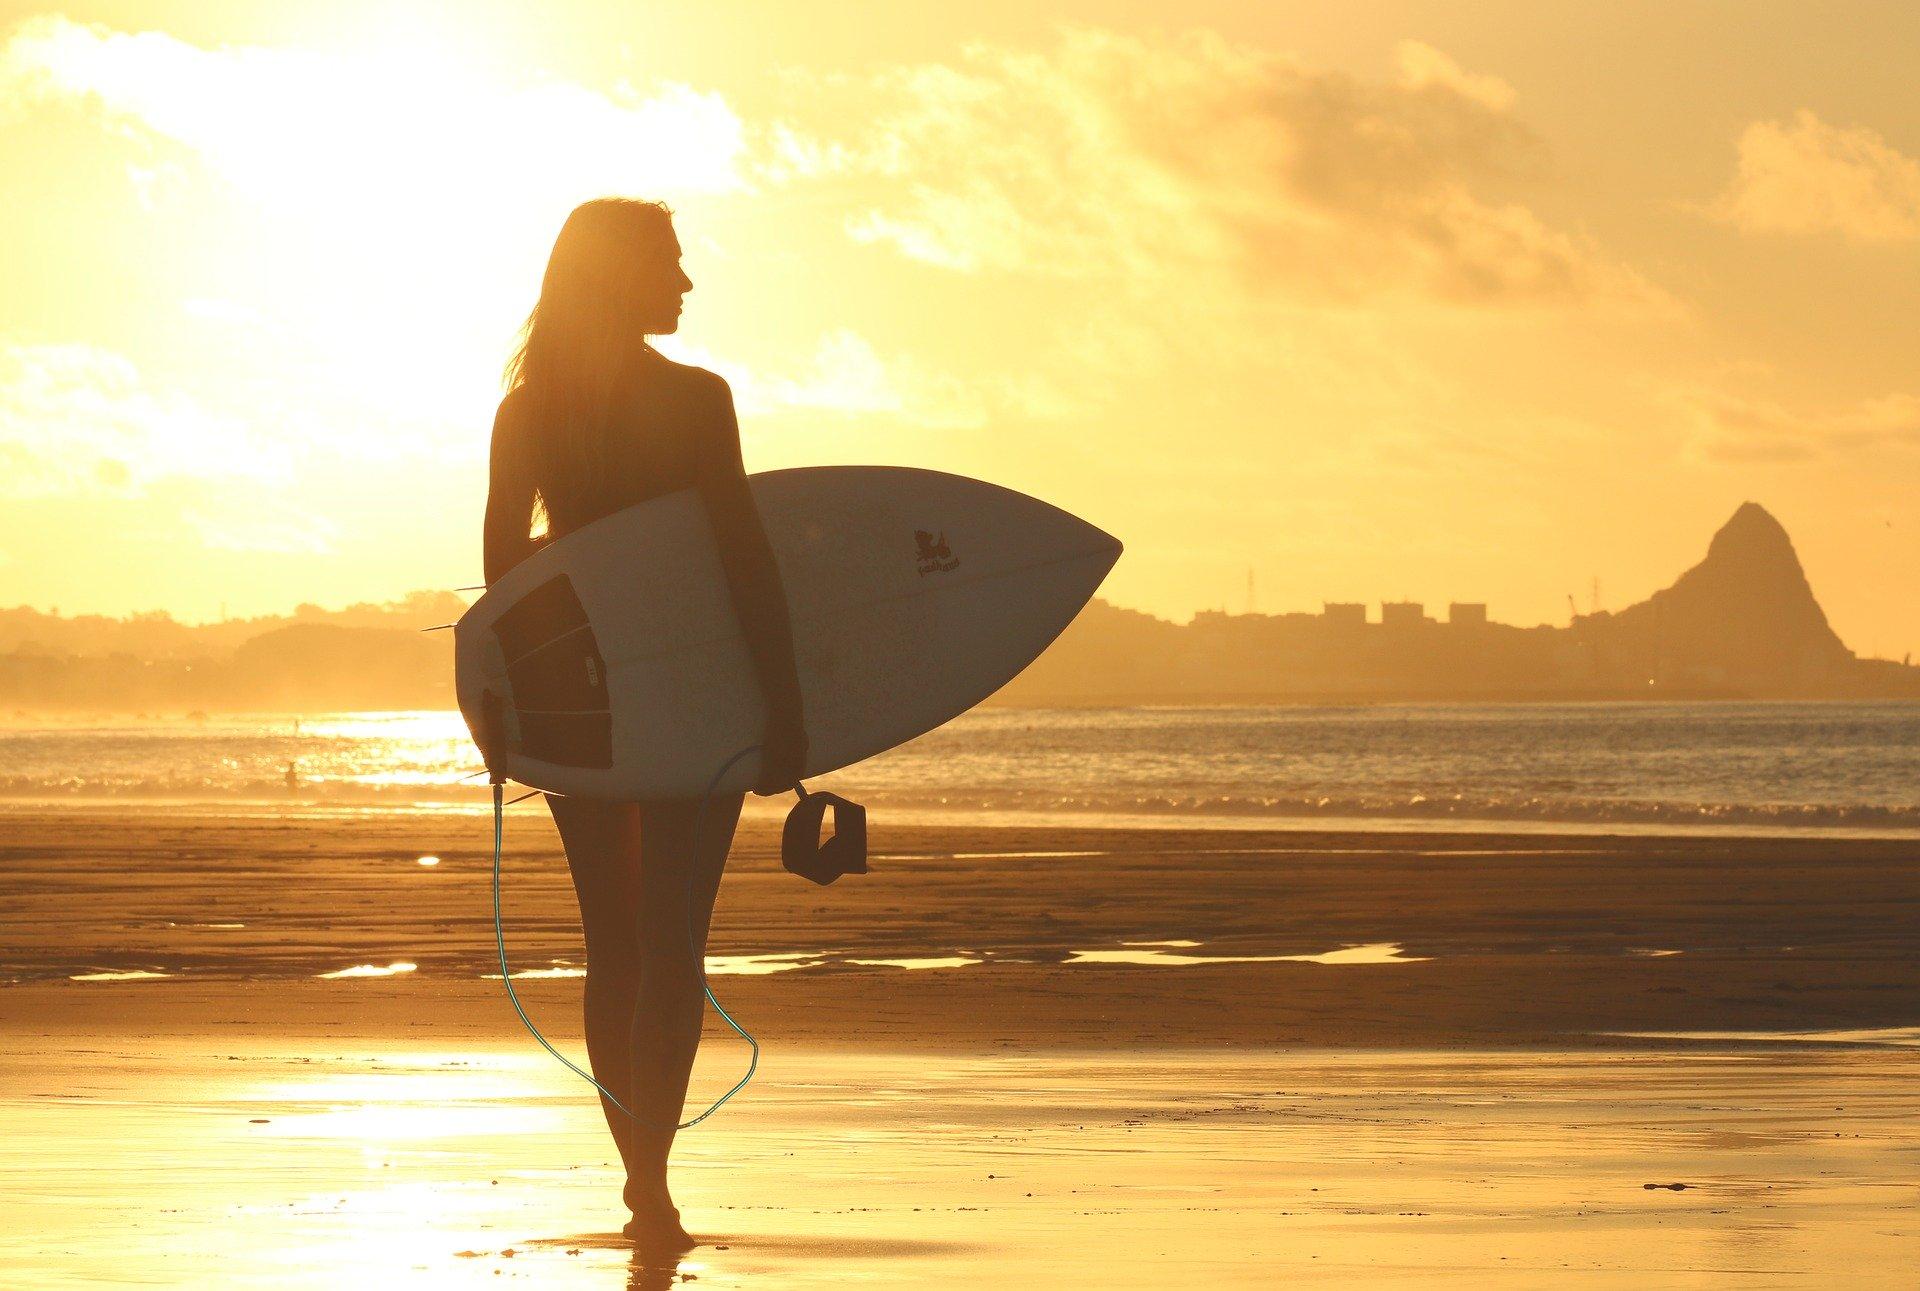 ほぐし処とりっぷのサーフィン記事のイメージ写真